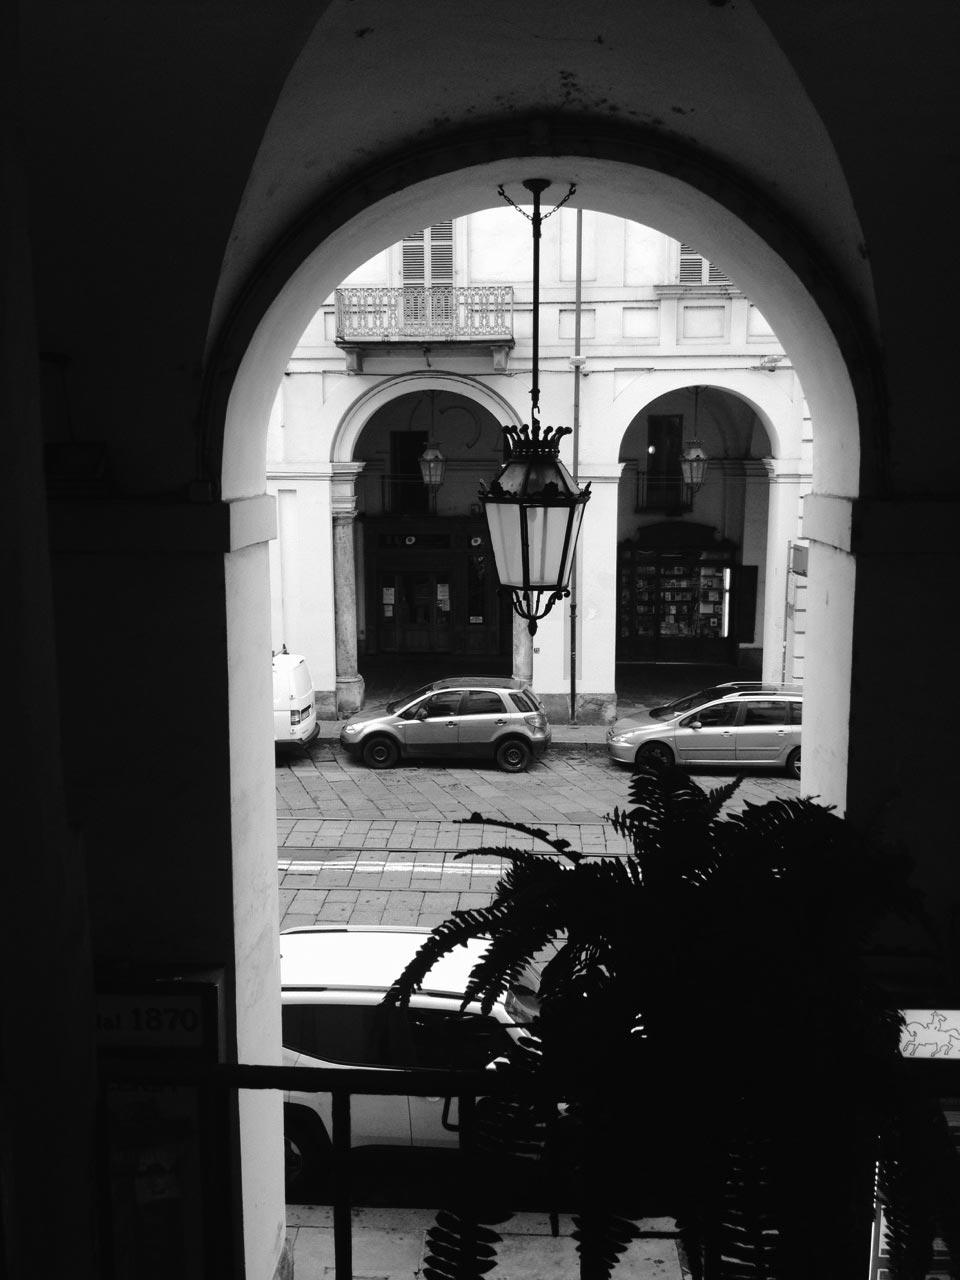 Studio psicologa torino portici e Via Po da finestra